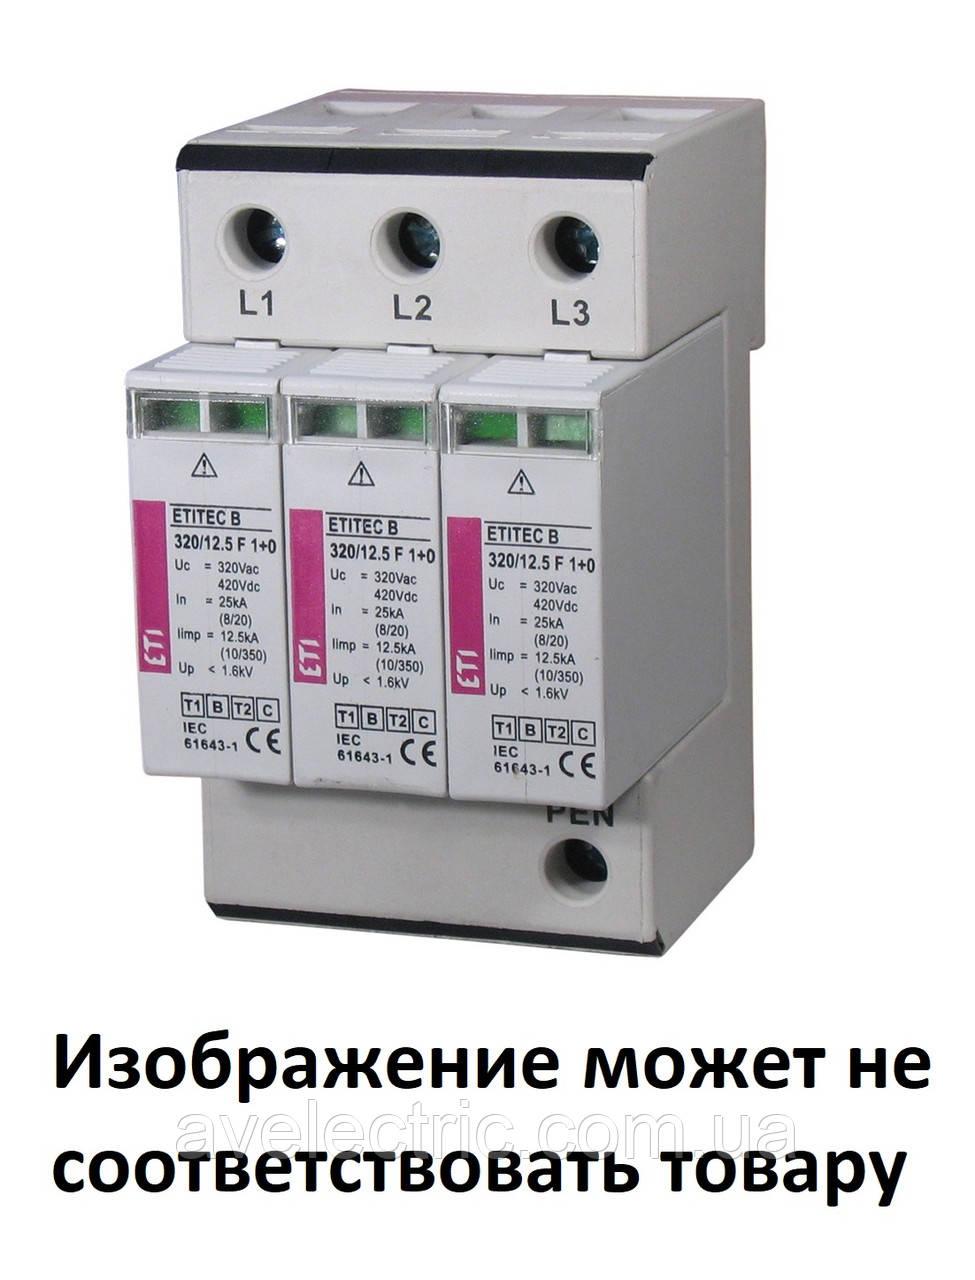 Ограничитель перенапряжения ETITEC S B 275/25 (2+0, 4p, TNC-S)